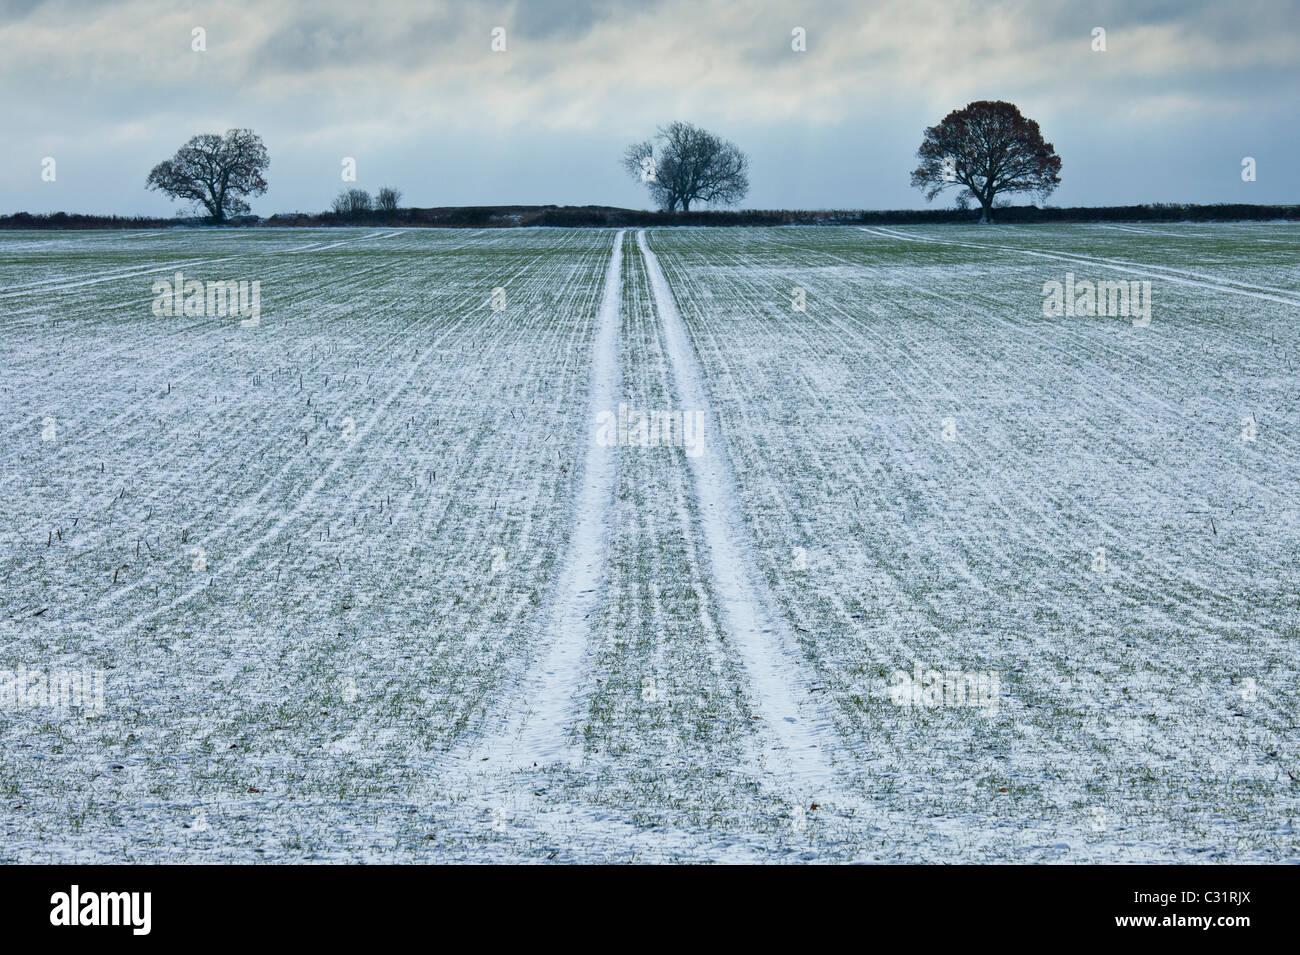 Scène Frosty champ et arbres au cours de givre en hiver, les Cotswolds, Royaume-Uni Photo Stock